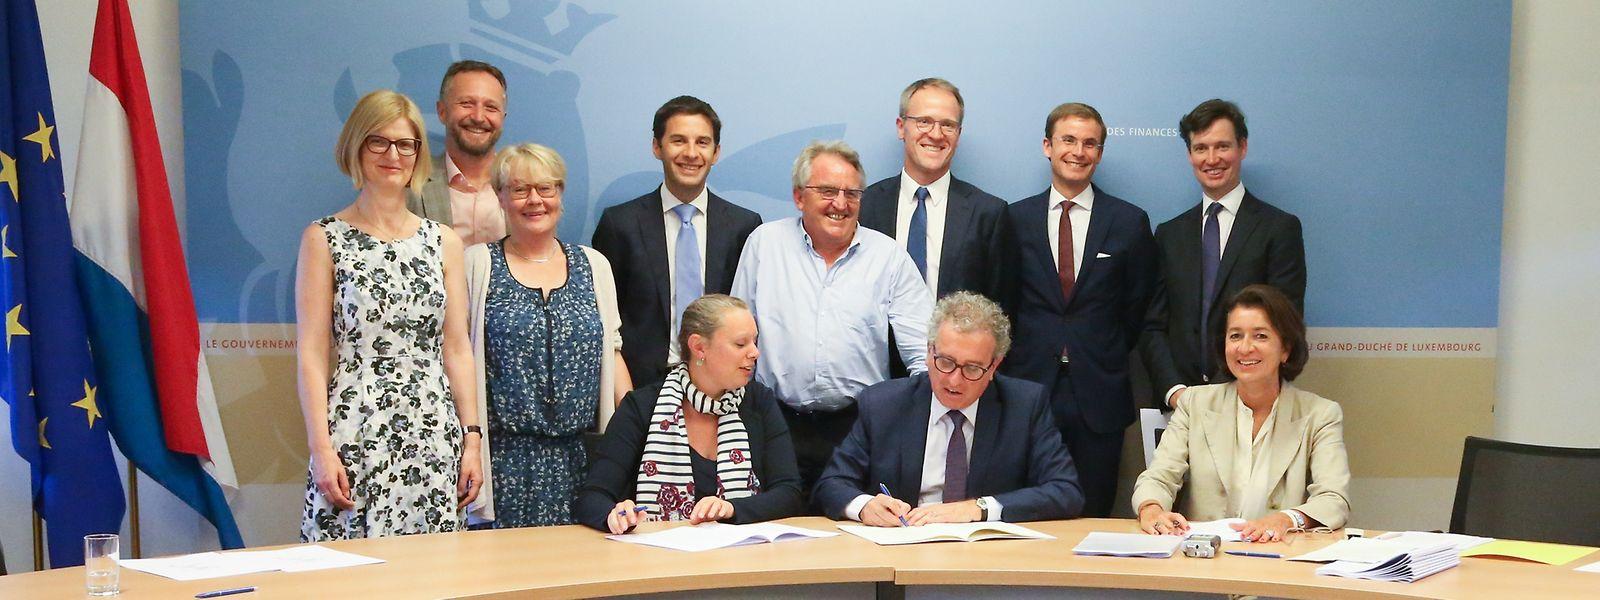 Im Finanzministerium wurde am Montagnachmittag das Partnerschaftsabkommen unterzeichnet.